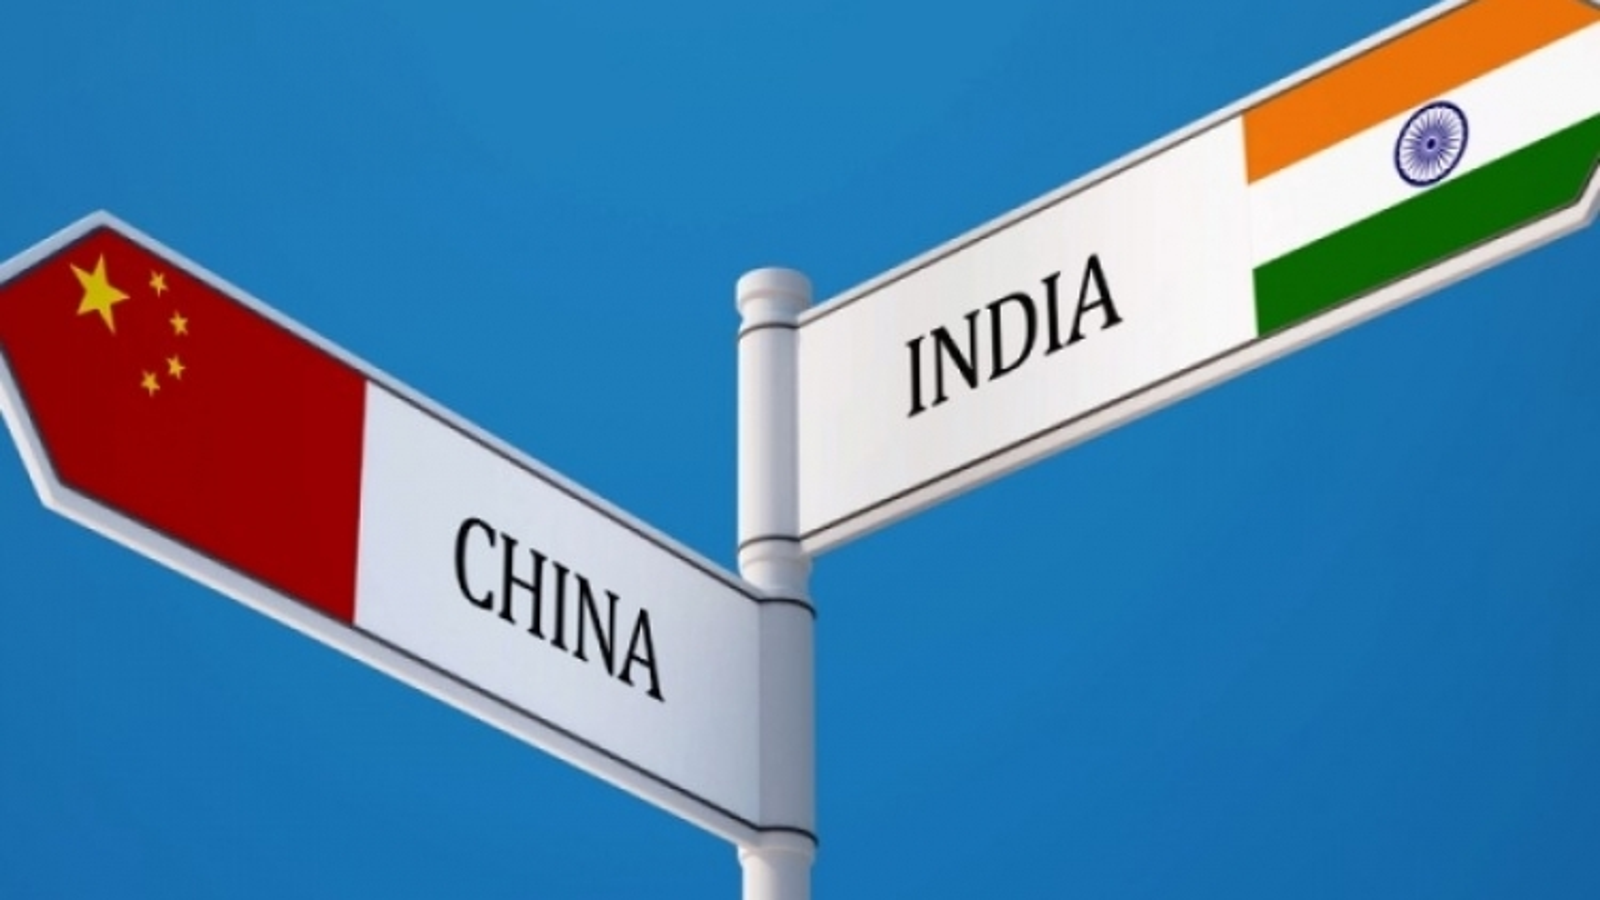 Ấn Độ quyết đối chọi Trung Quốc trong việc xây dựng hạ tầng ở Maldives